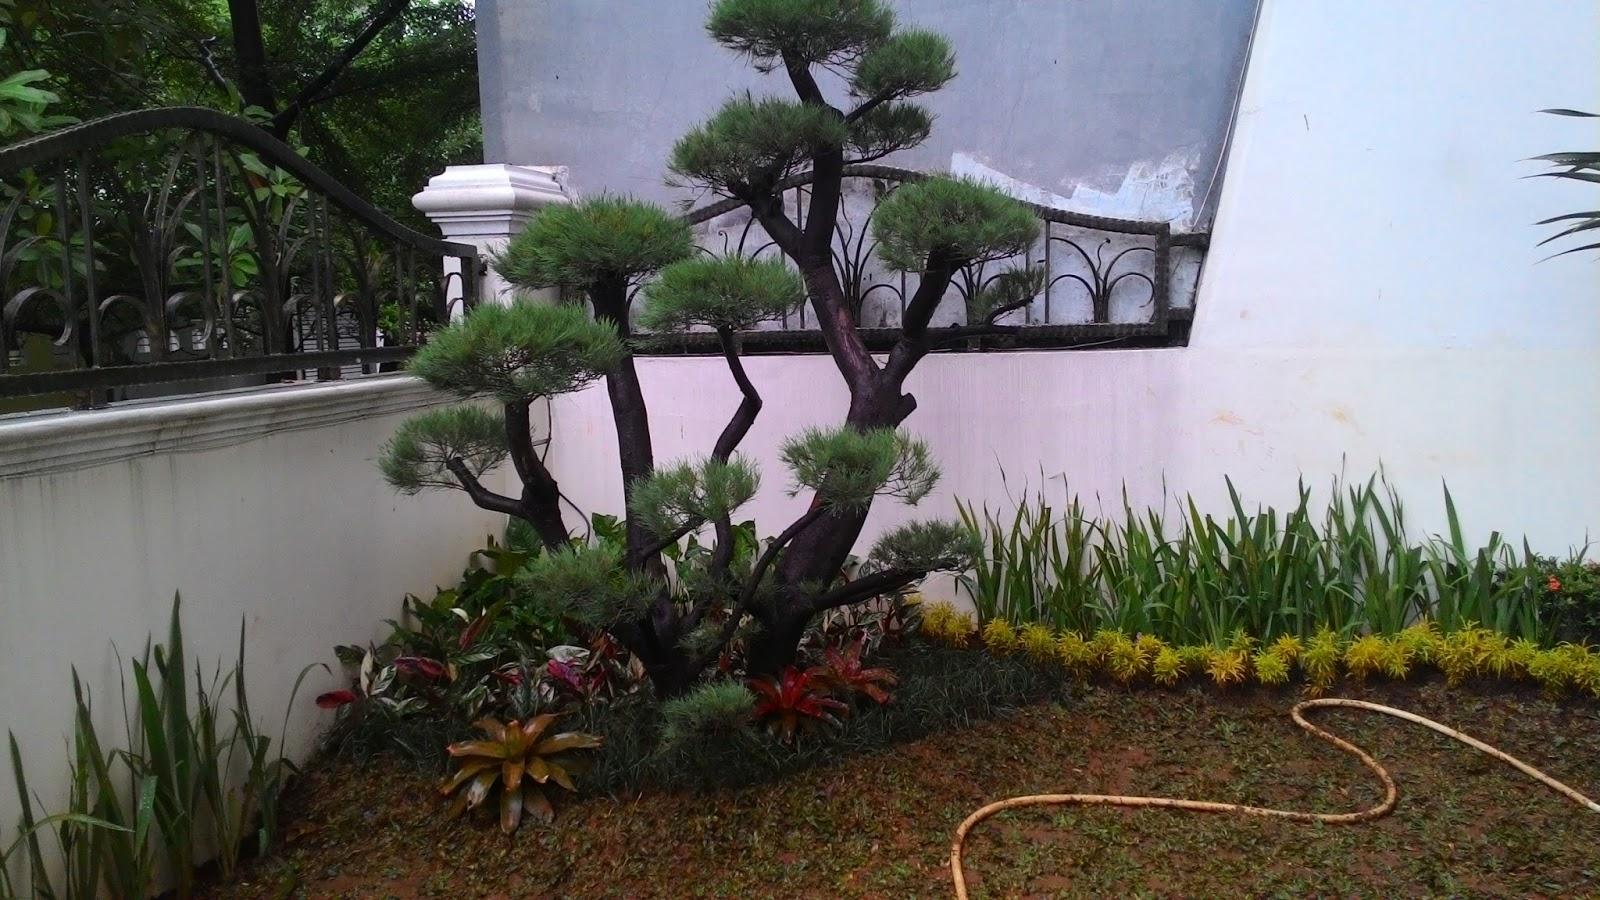 Jual Pohon Bonsai Cemara Udang Cemara Udang Murah Meriah